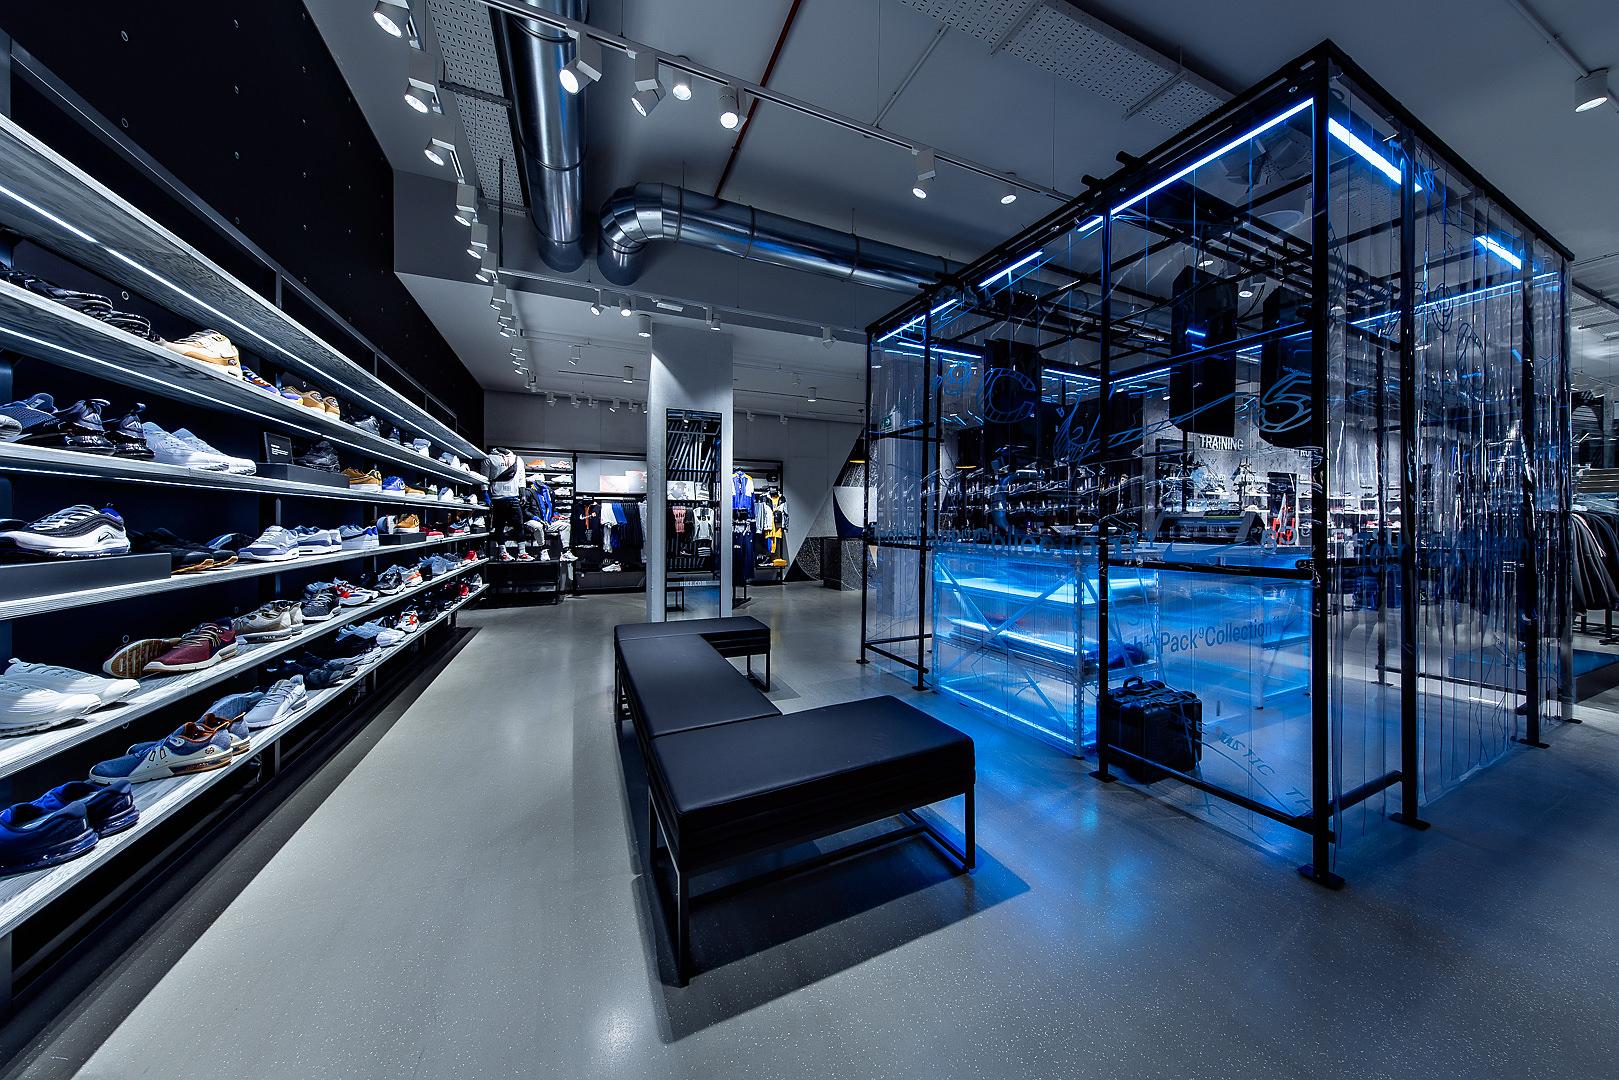 2018_09_14_Nike_Store_CVE_0019.jpg